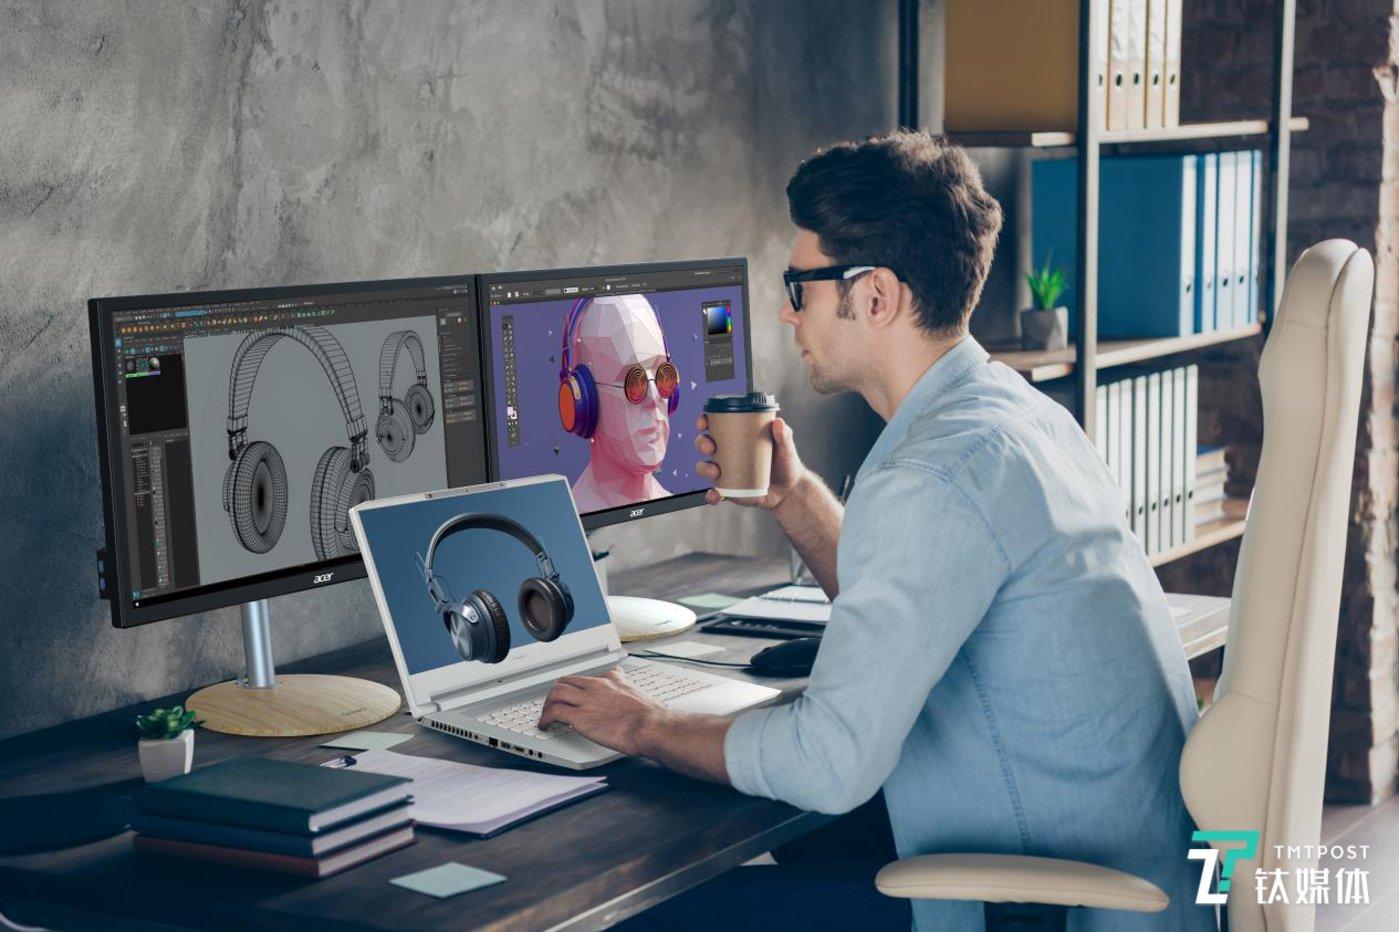 SpatialLabs裸眼3D技术